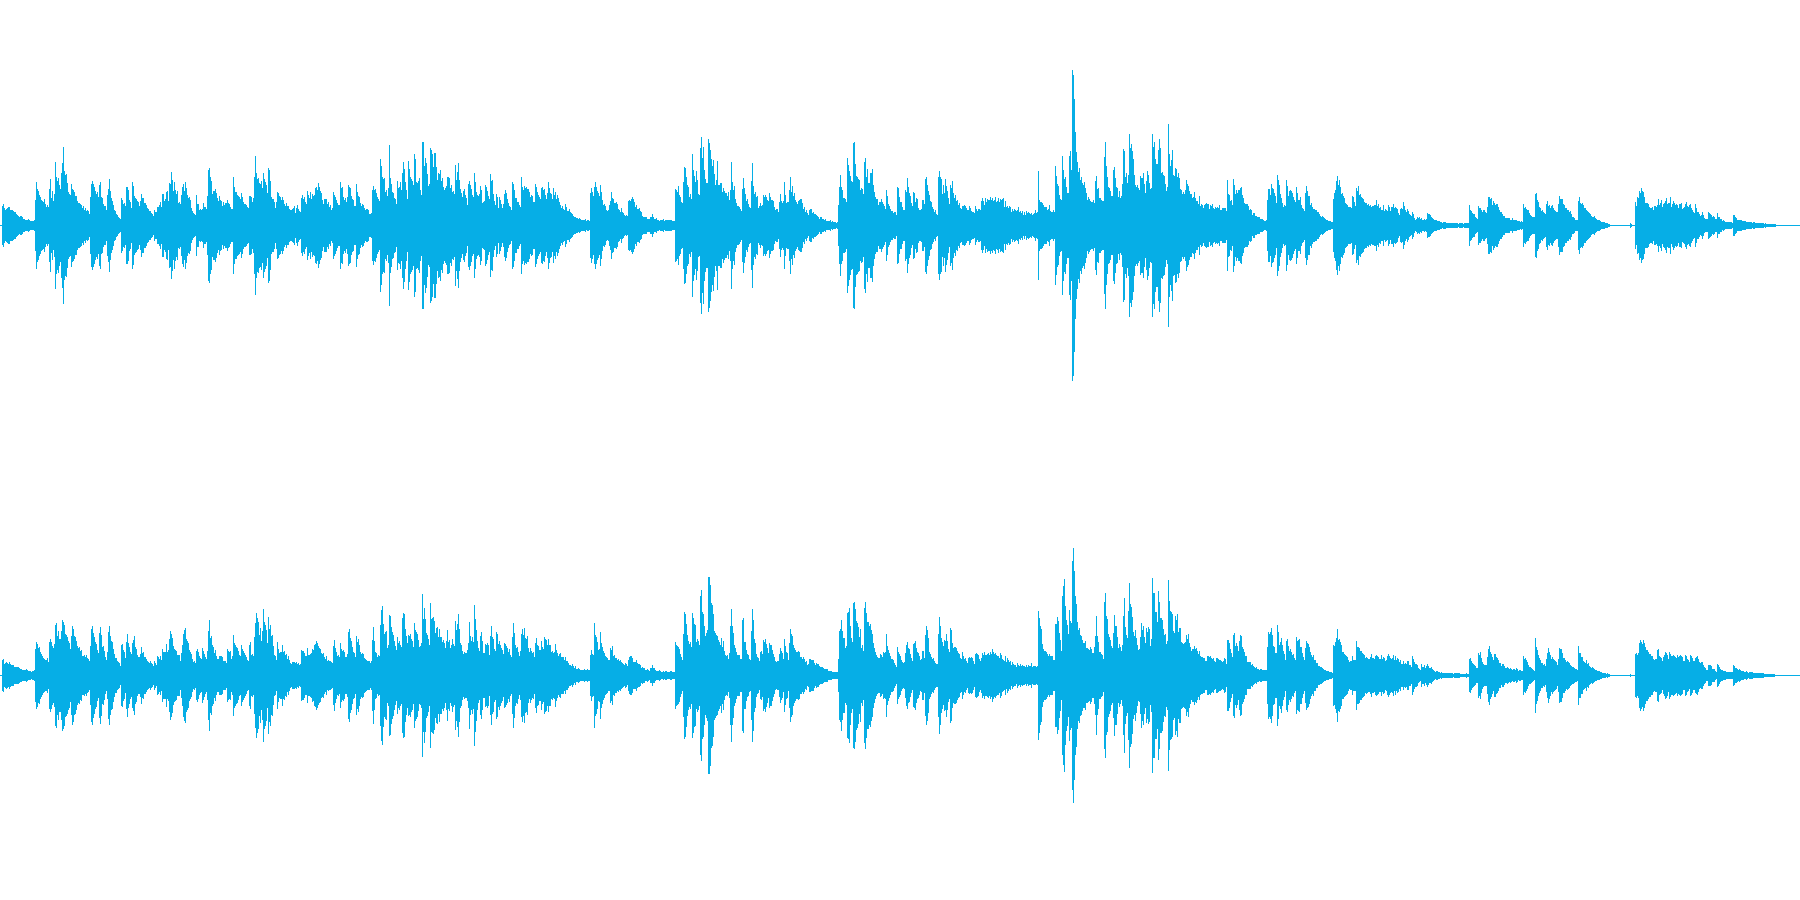 ダニーボーイの不思議なピアノソロアレンジの再生済みの波形